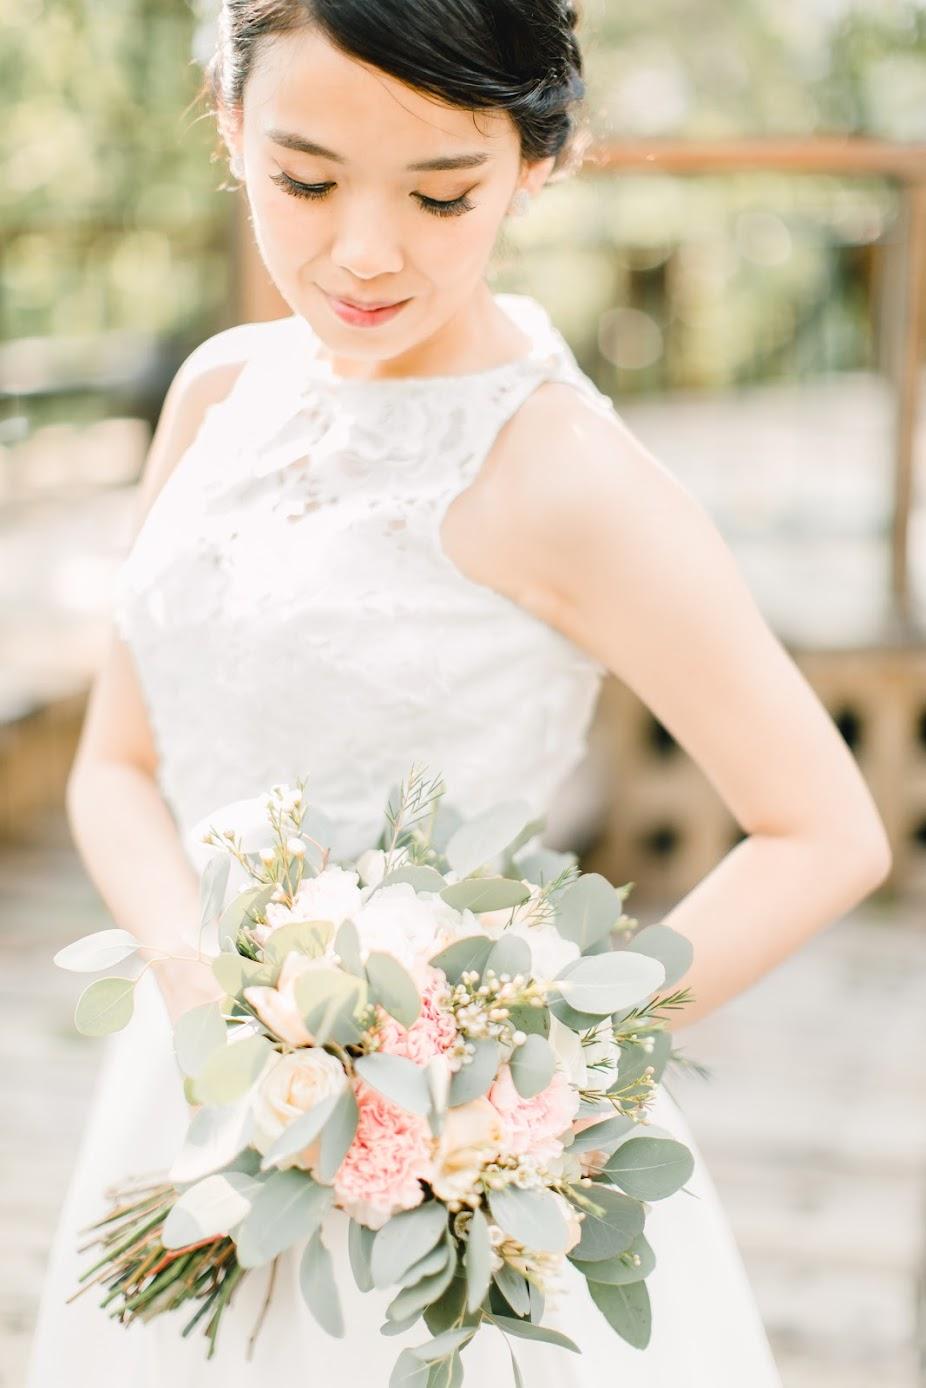 在 台南 的 日月潭雲品 場地舉行陽光正好的美式婚禮 , 是每位新娘夢寐以求的西式戶外婚禮樣式!